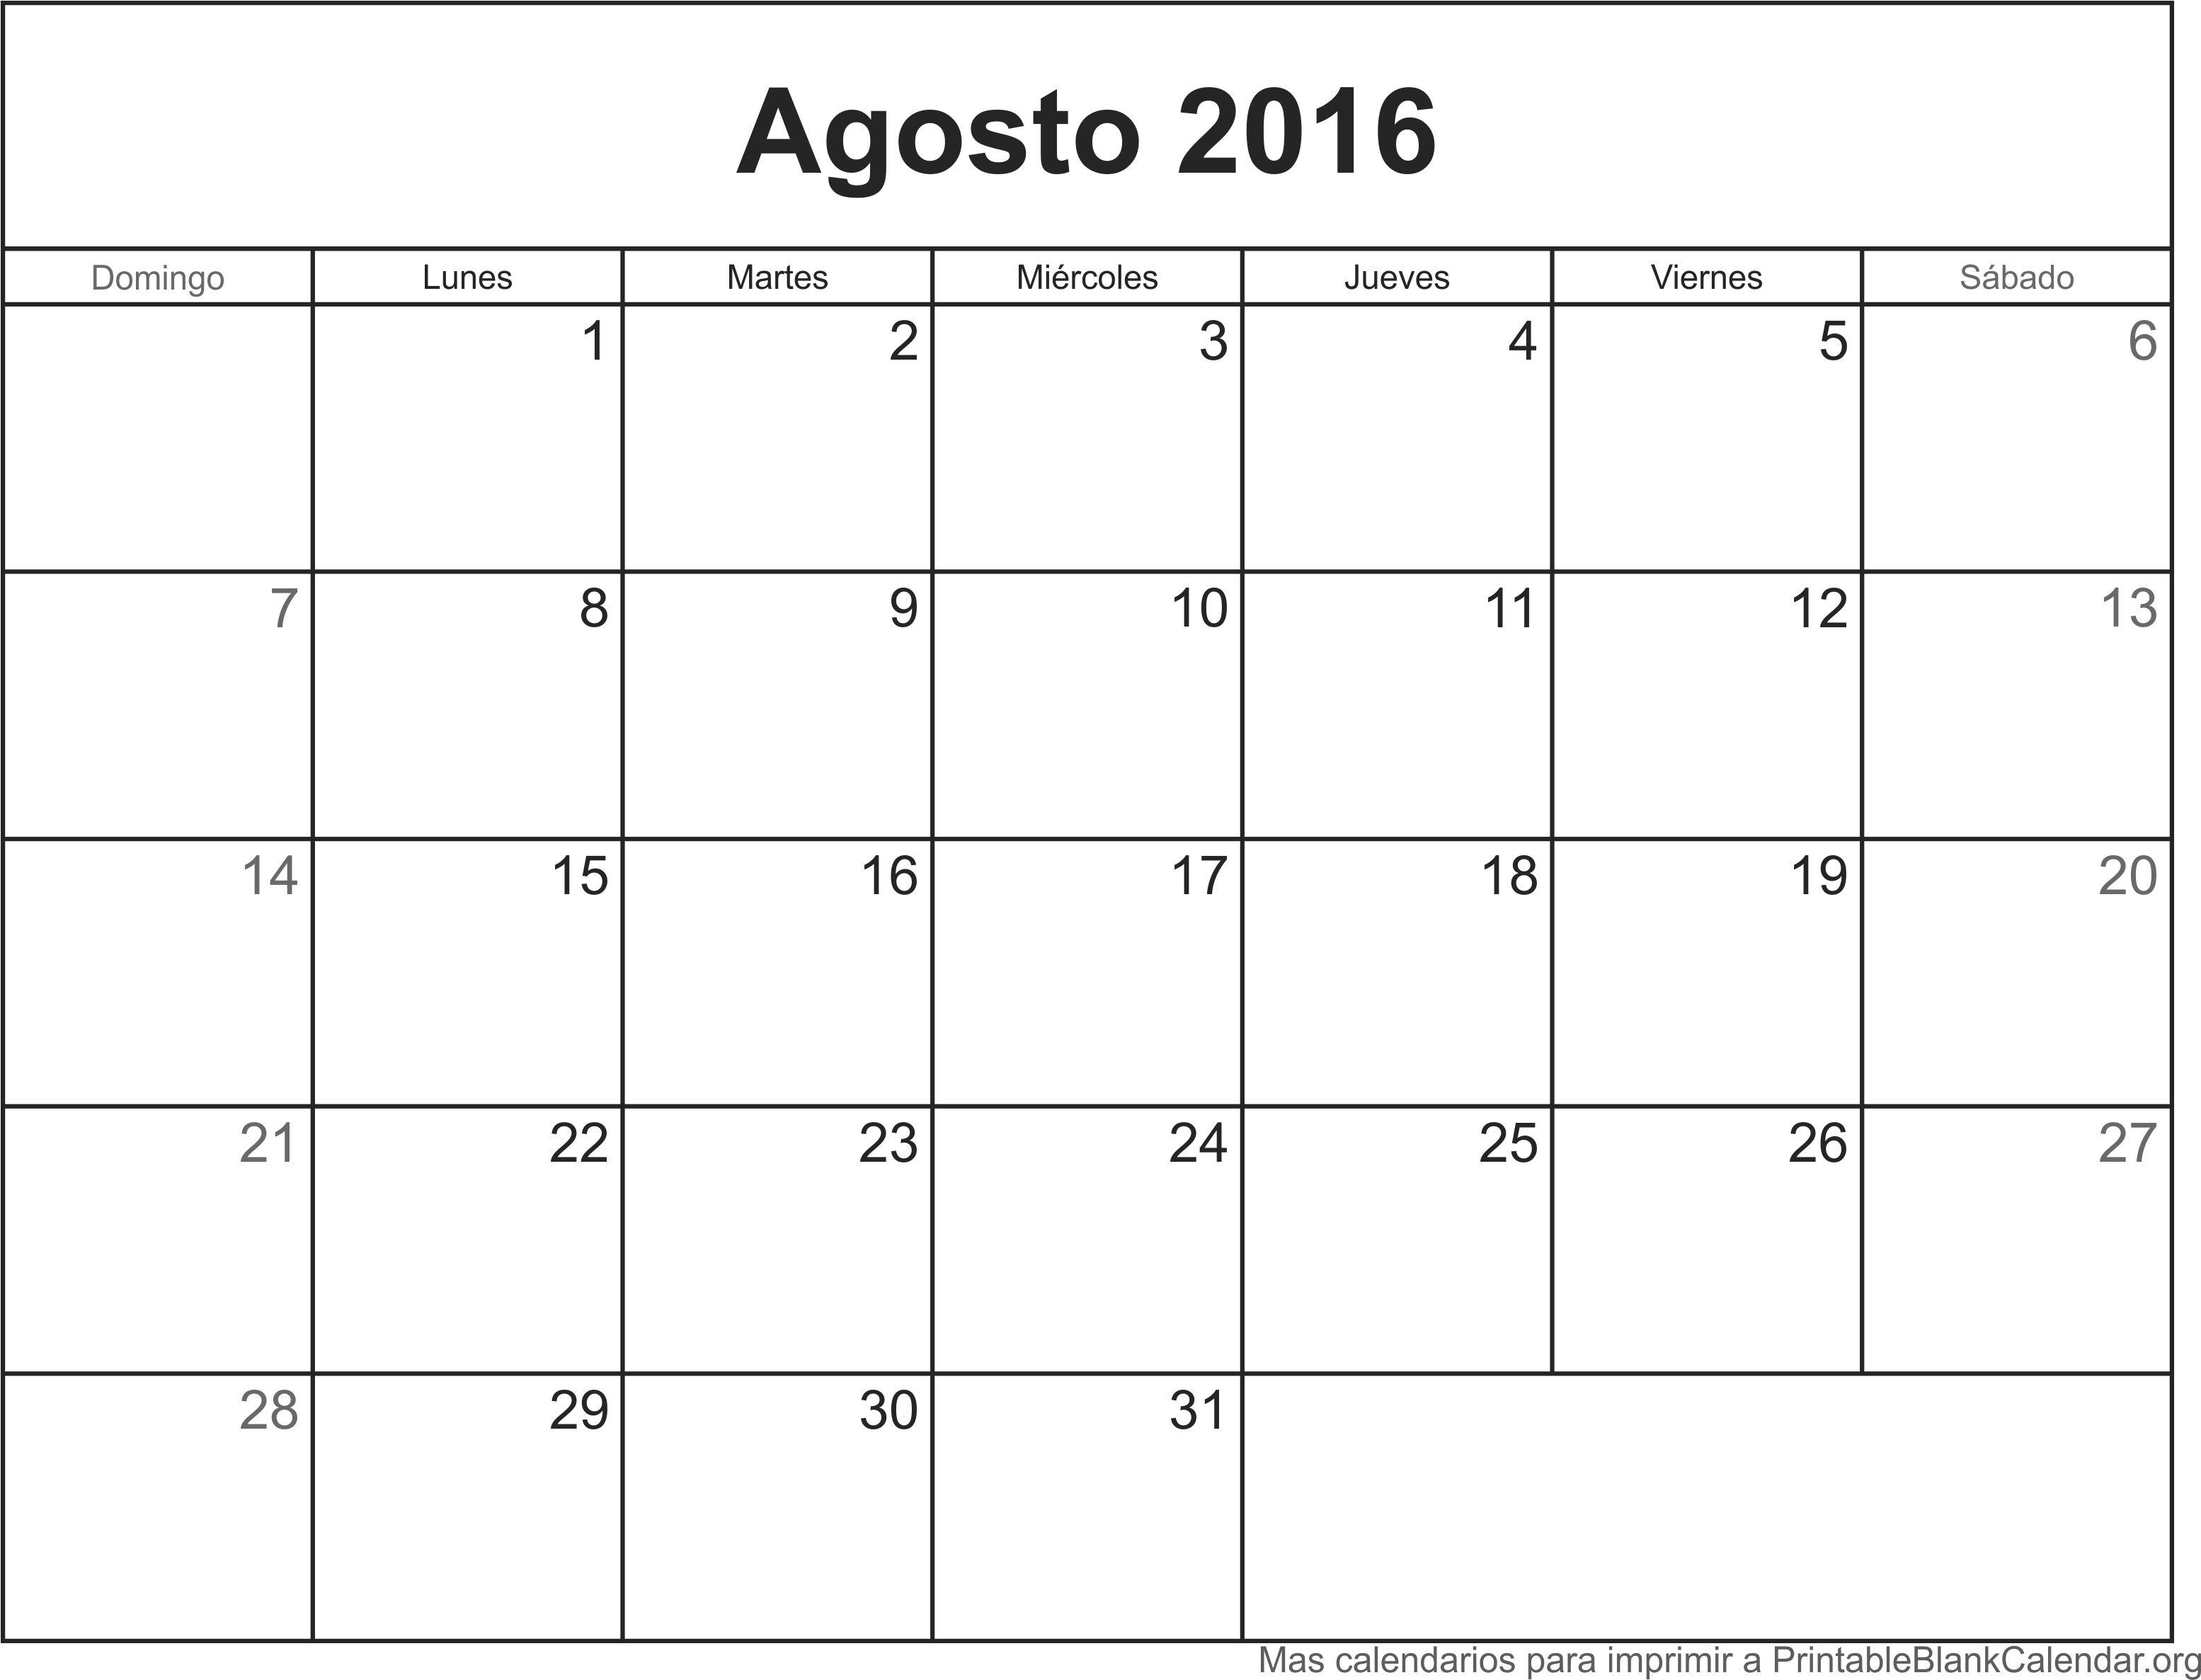 Calendario Agosto 2016 Related Keywords & Suggestions - Calendario ...